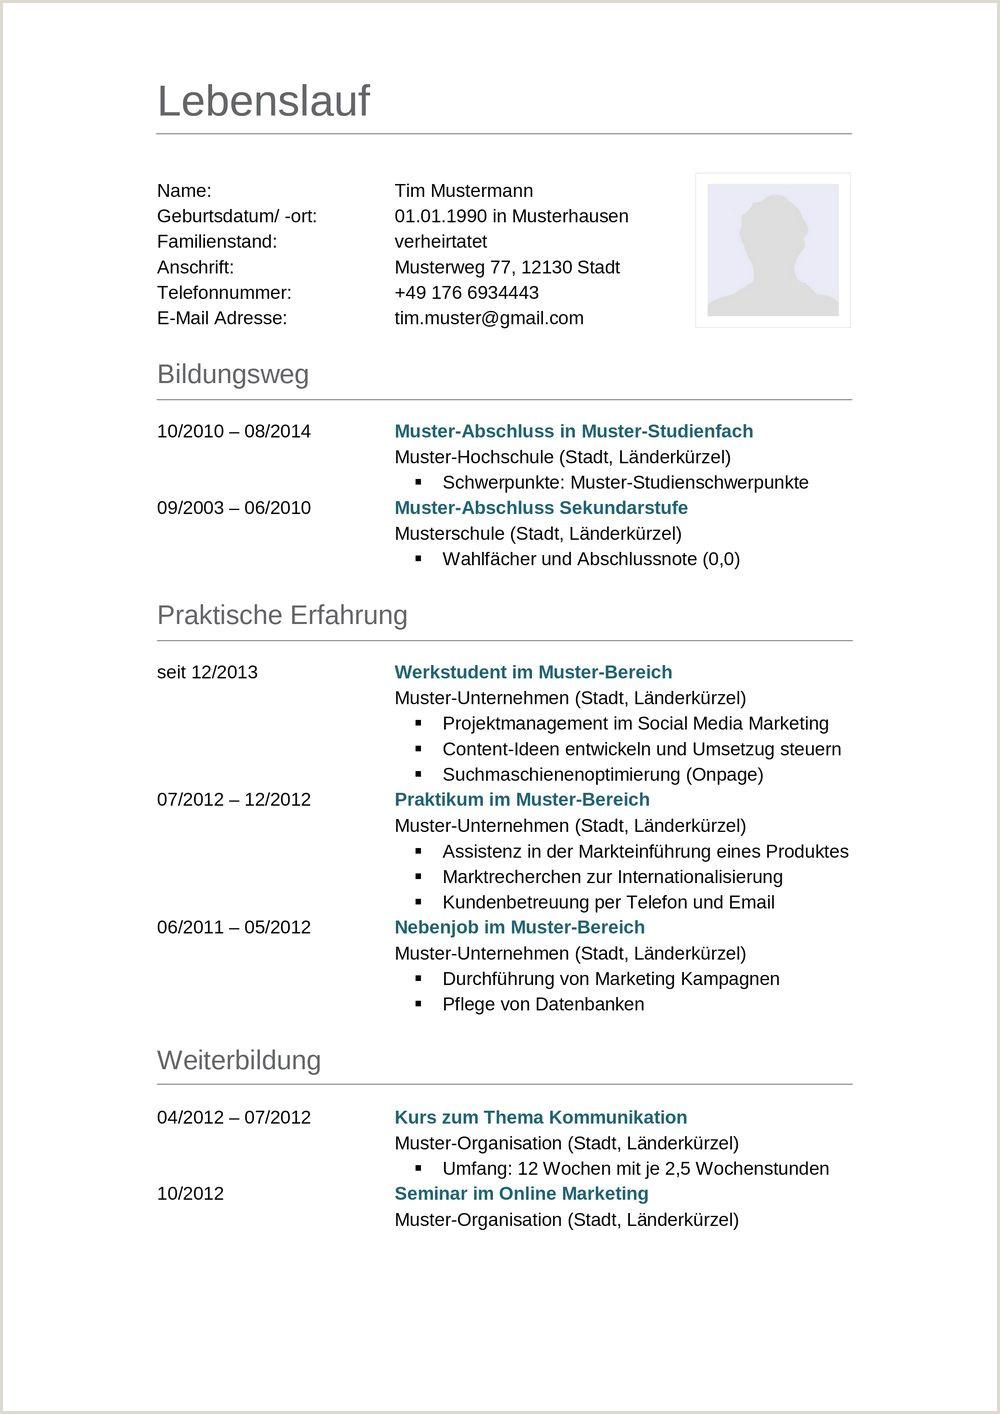 Lebenslauf Für Schüler Vorlage 2016 1 Mahnung Muster 2019 01